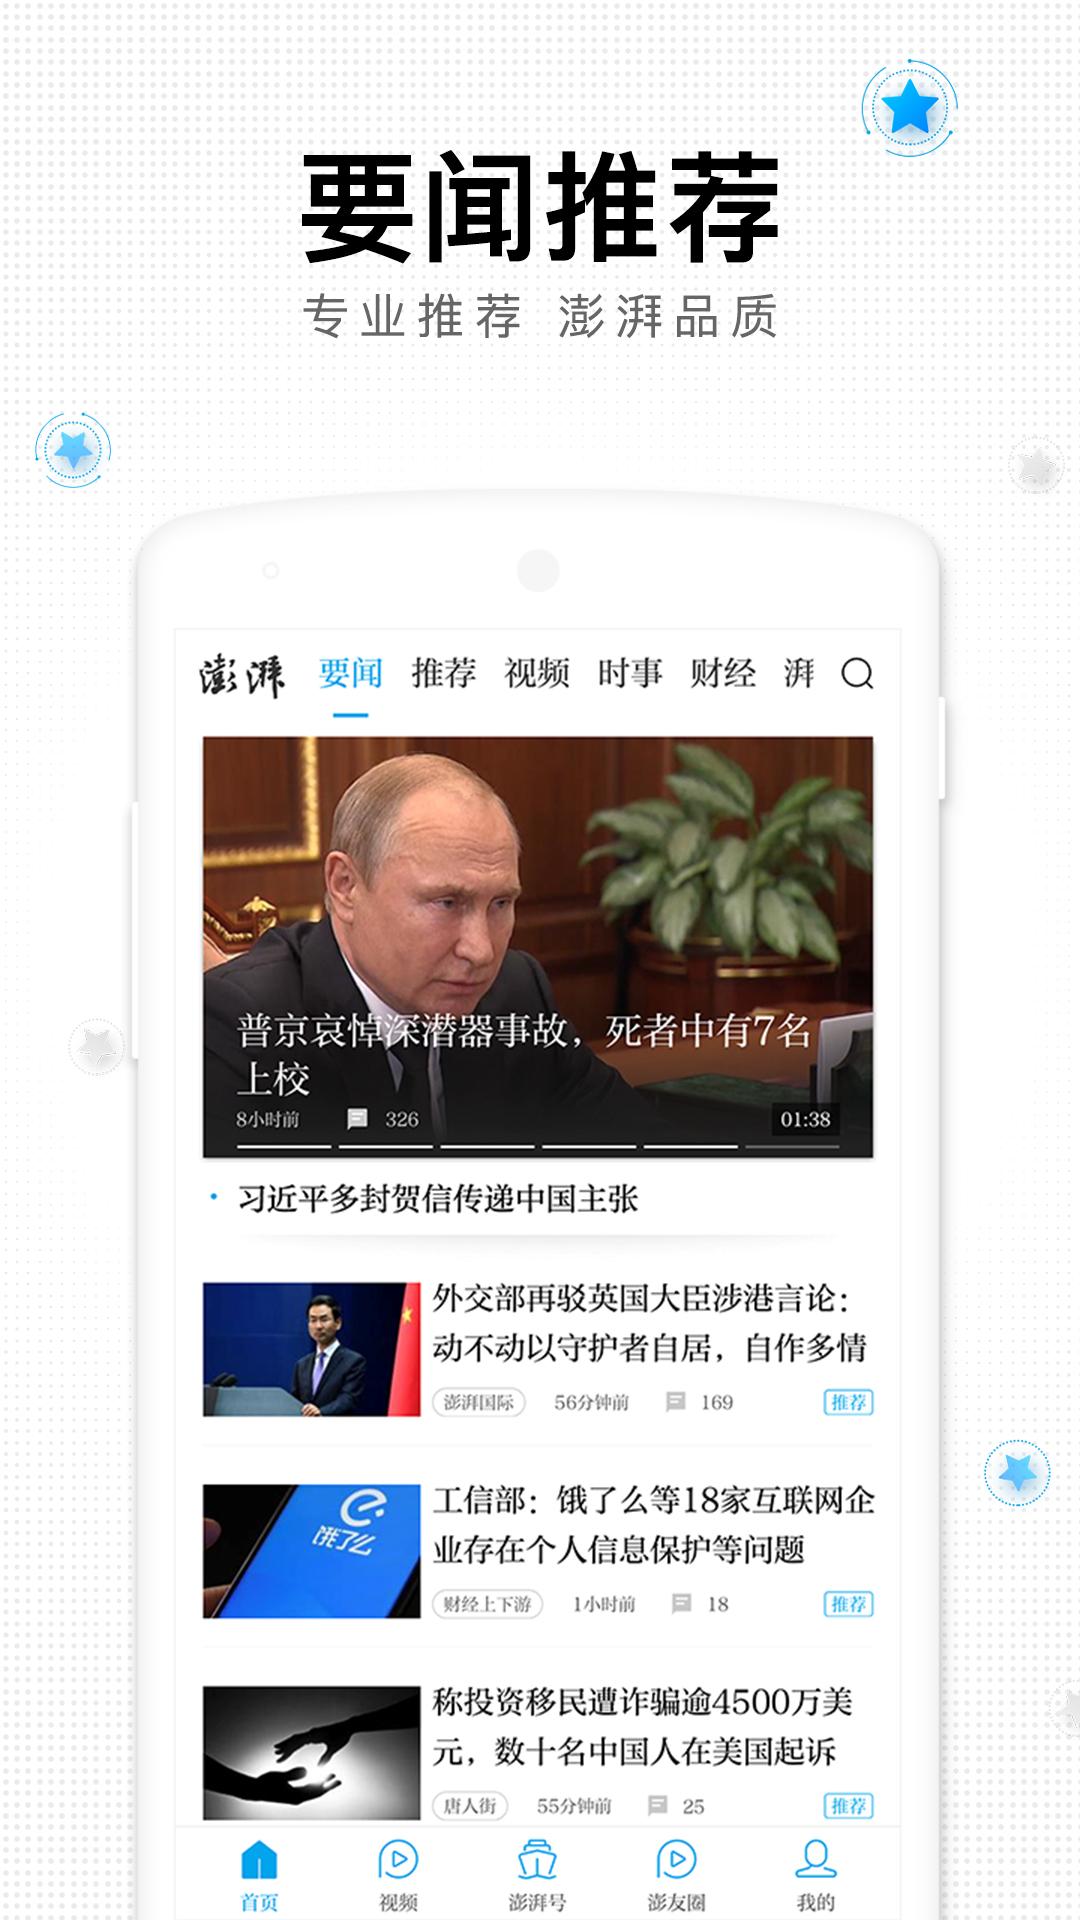 澎湃新闻网软件下载,手机澎湃新闻app下载